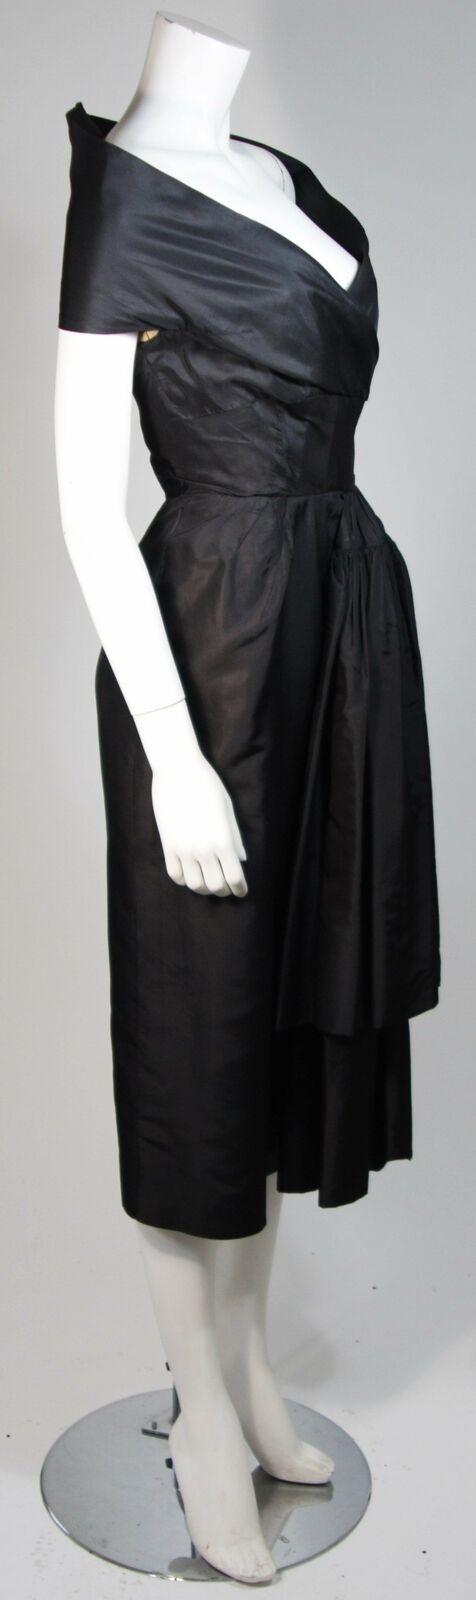 CEIL CHAPMAN  Black Cocktail Dress with Draped De… - image 6